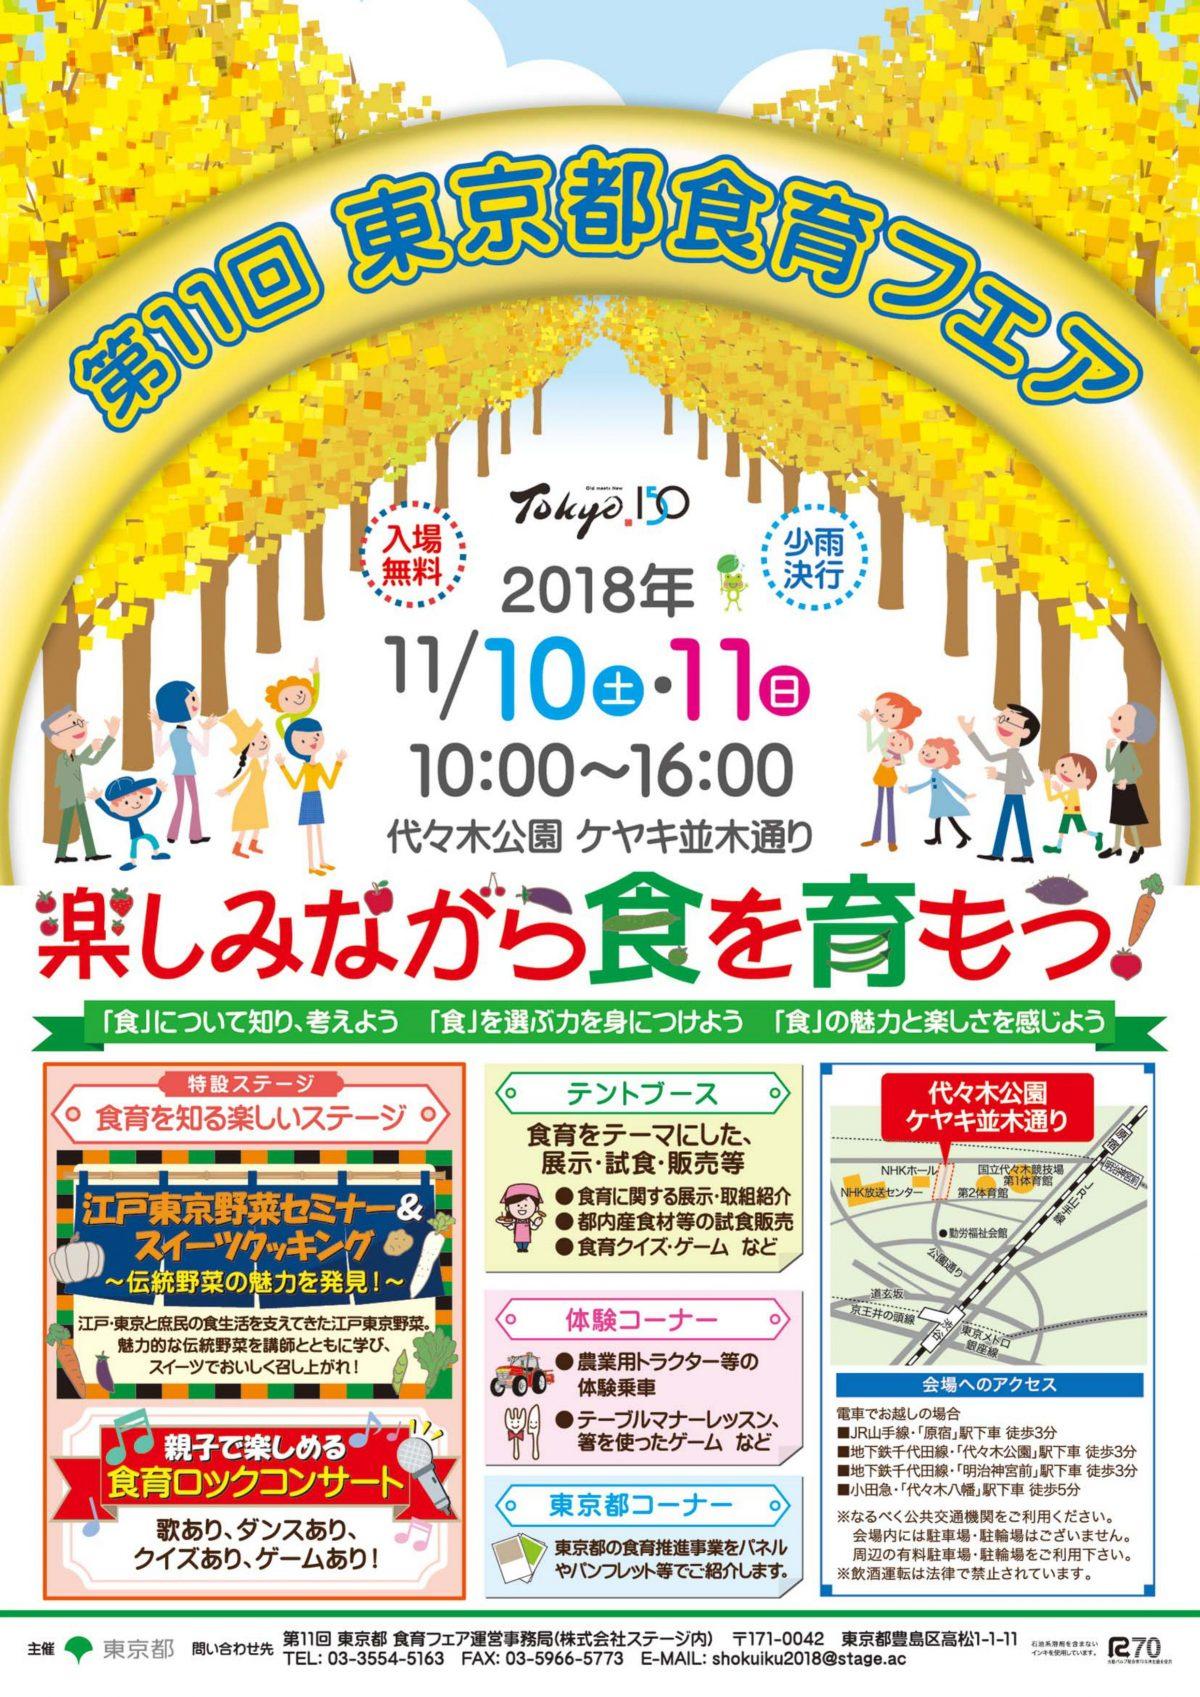 楽しみながら食を育もう!第11回東京都食育フェア